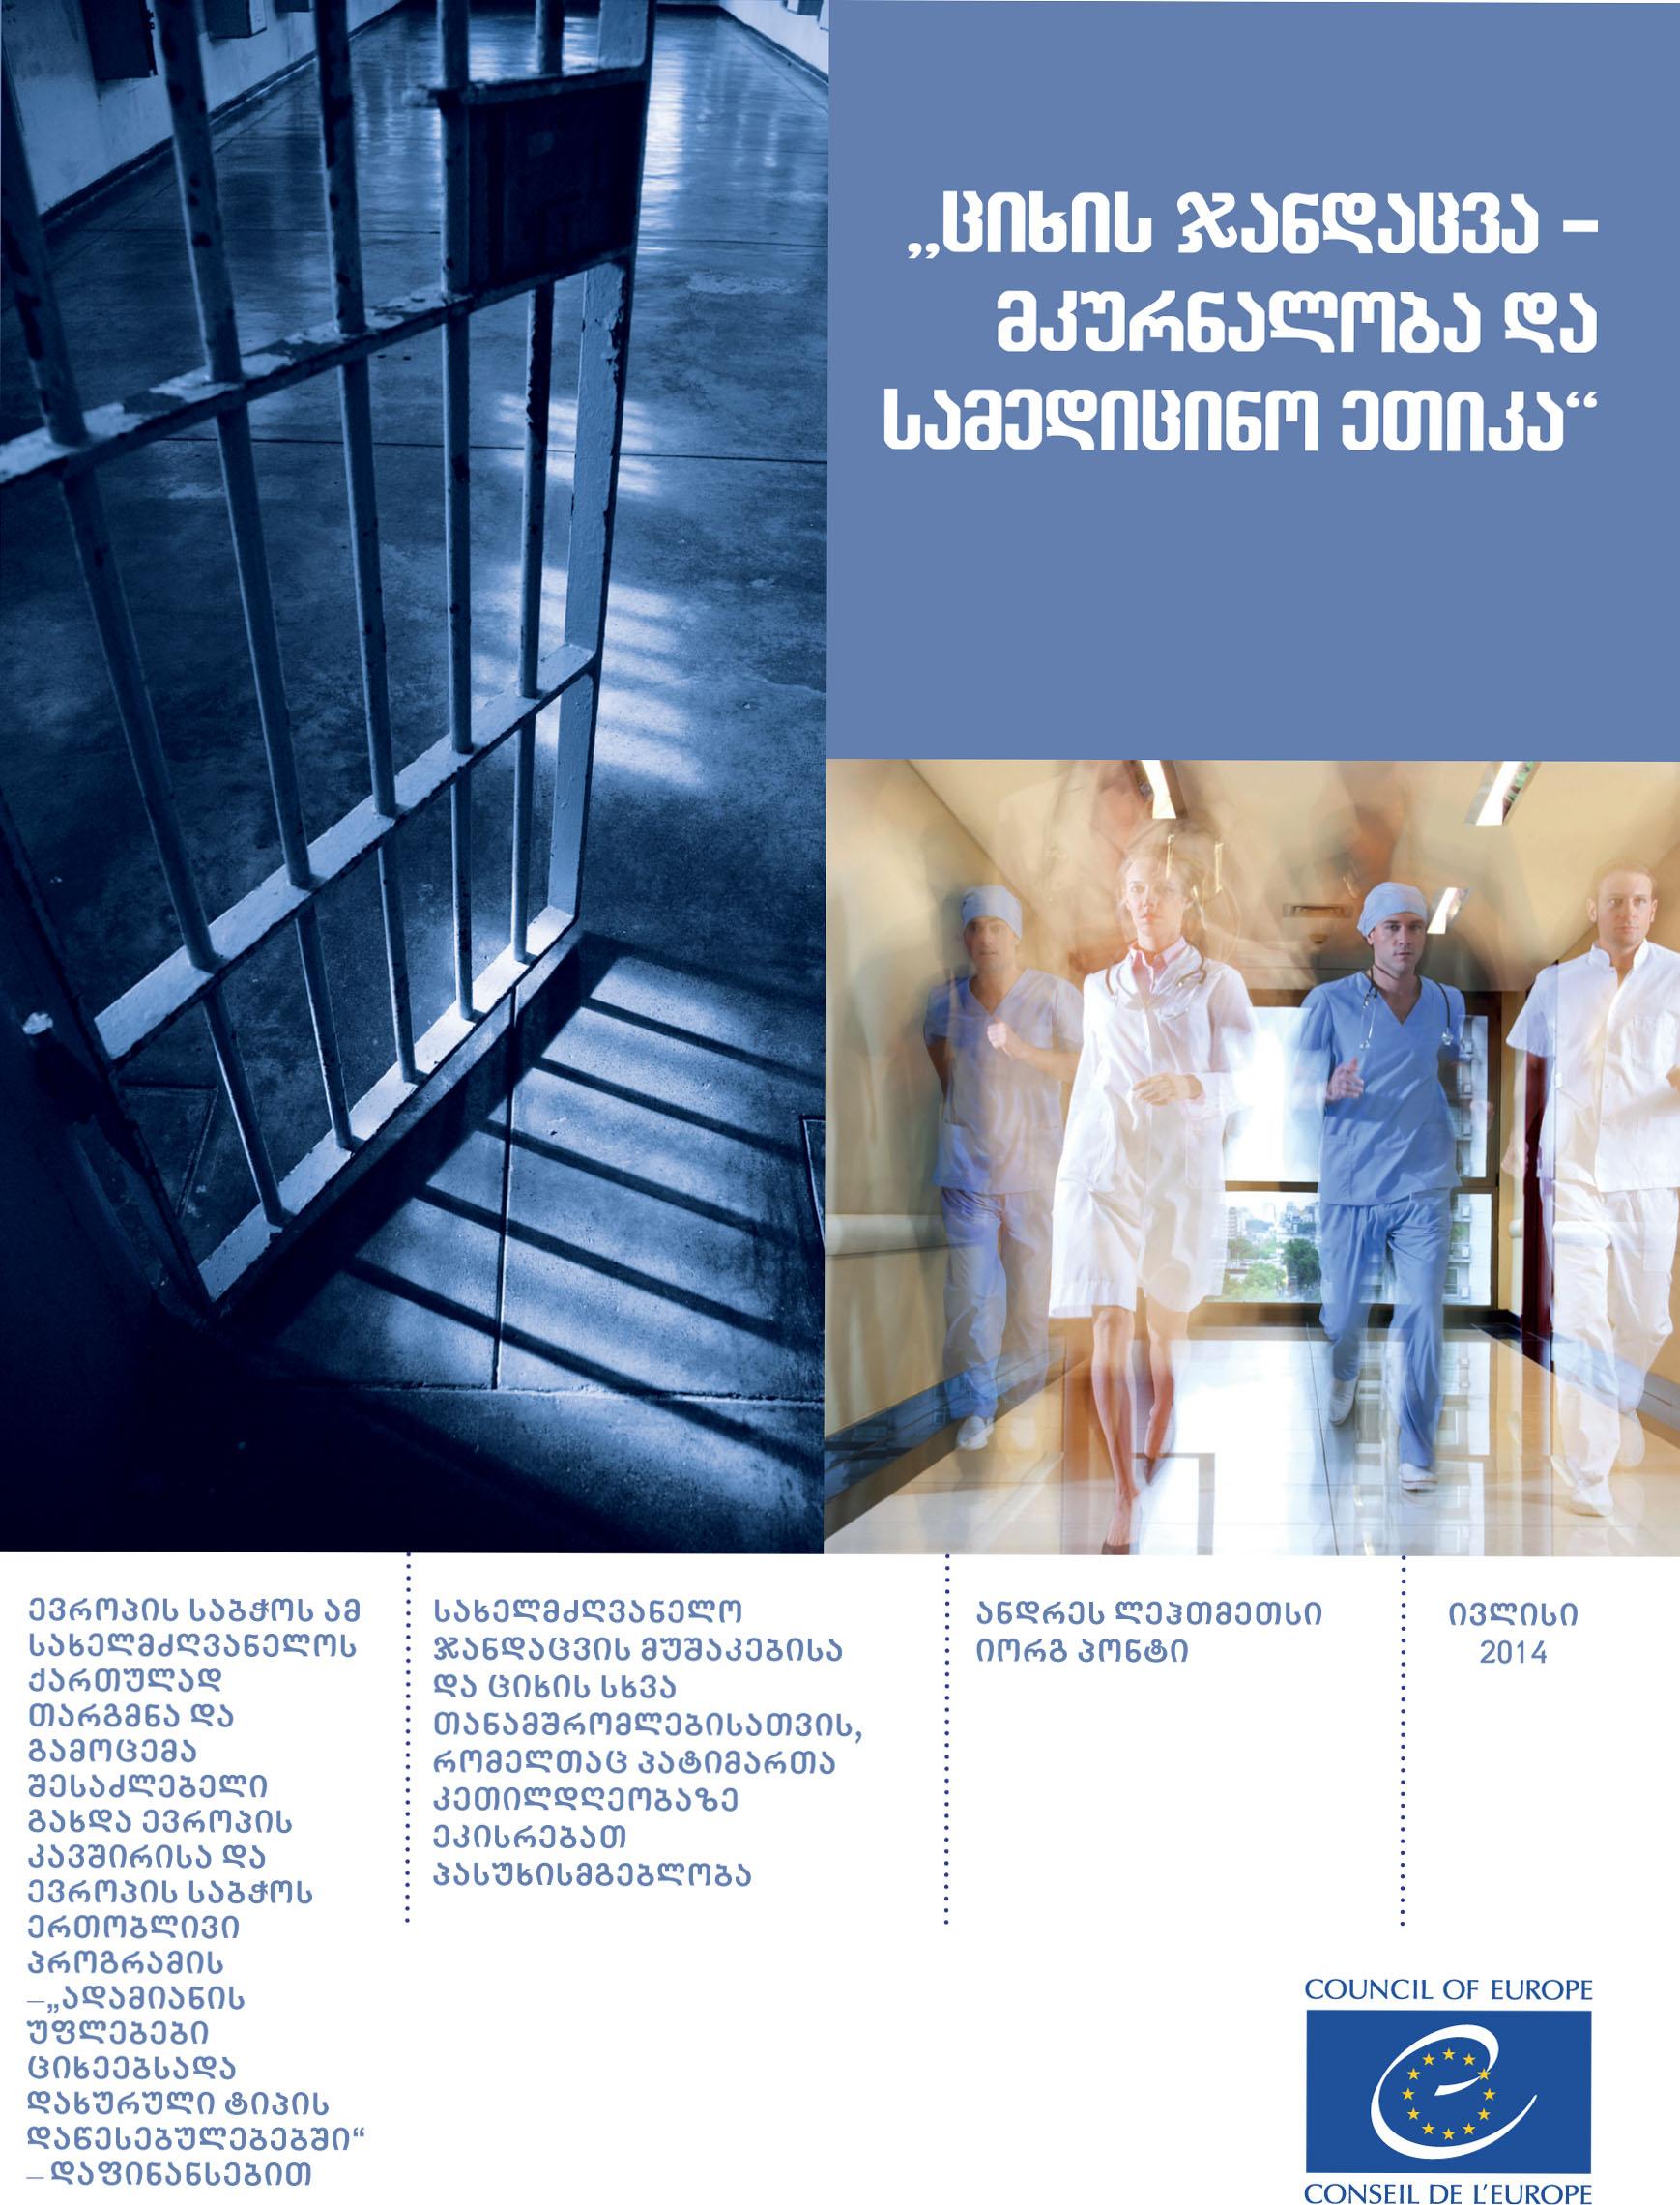 ციხის ჯადაცვა-მკურნალობა და სამედიცინო ეთიკა